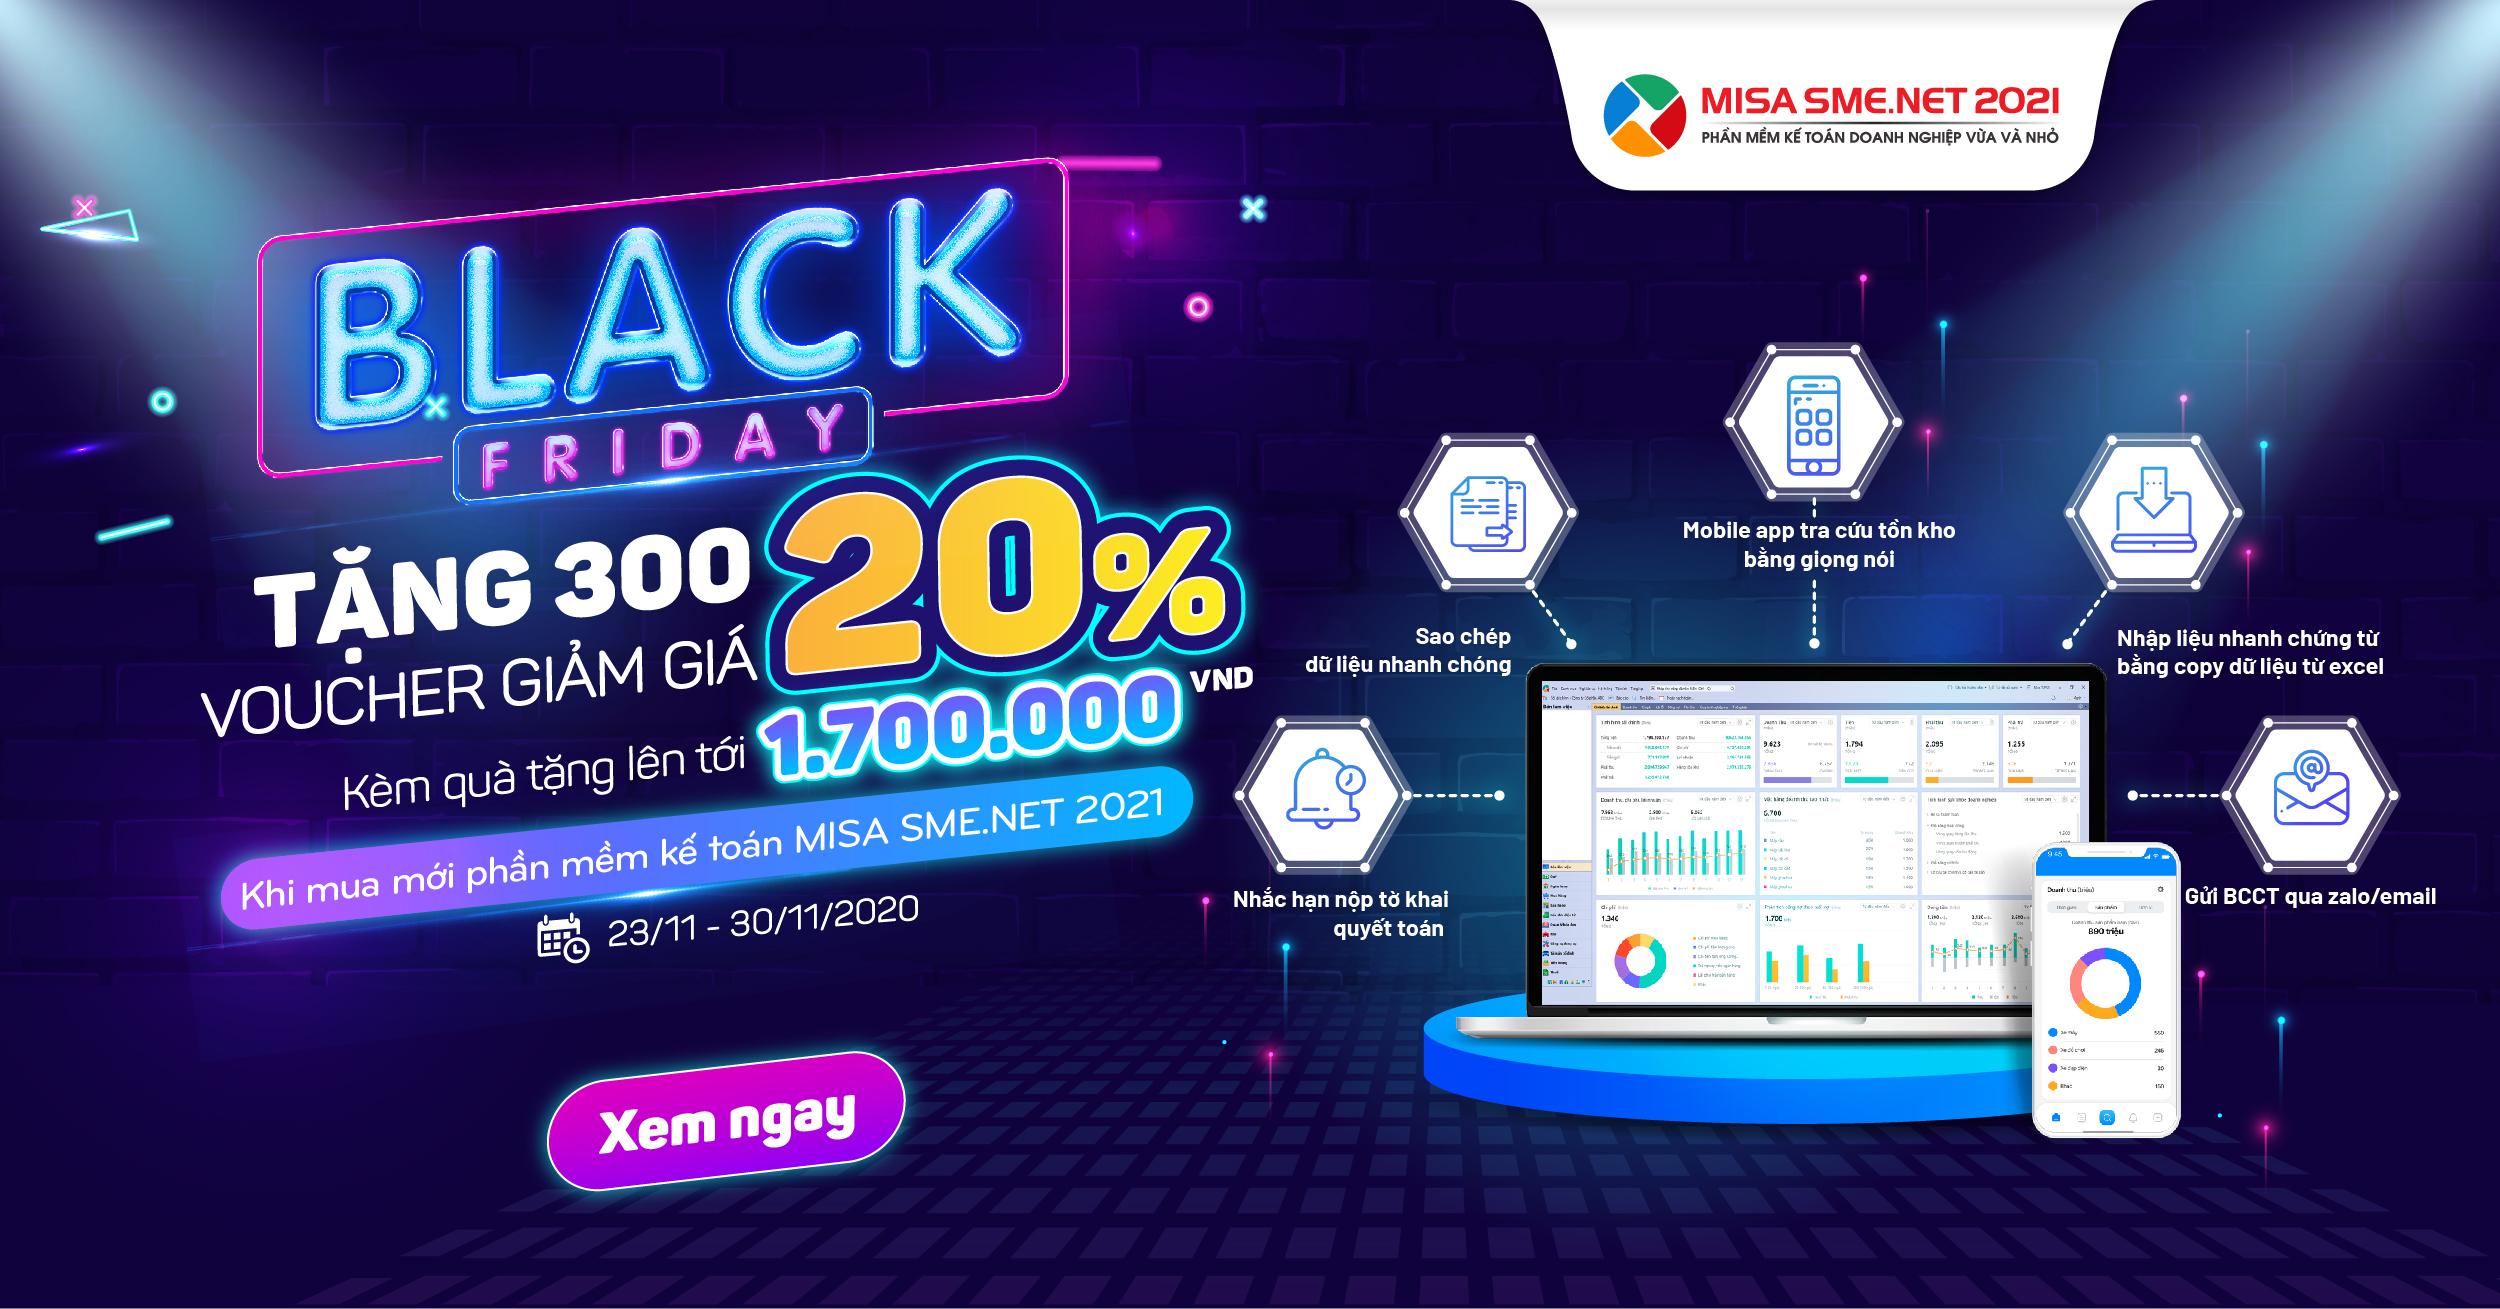 blackfriday phần mềm kế toán misa